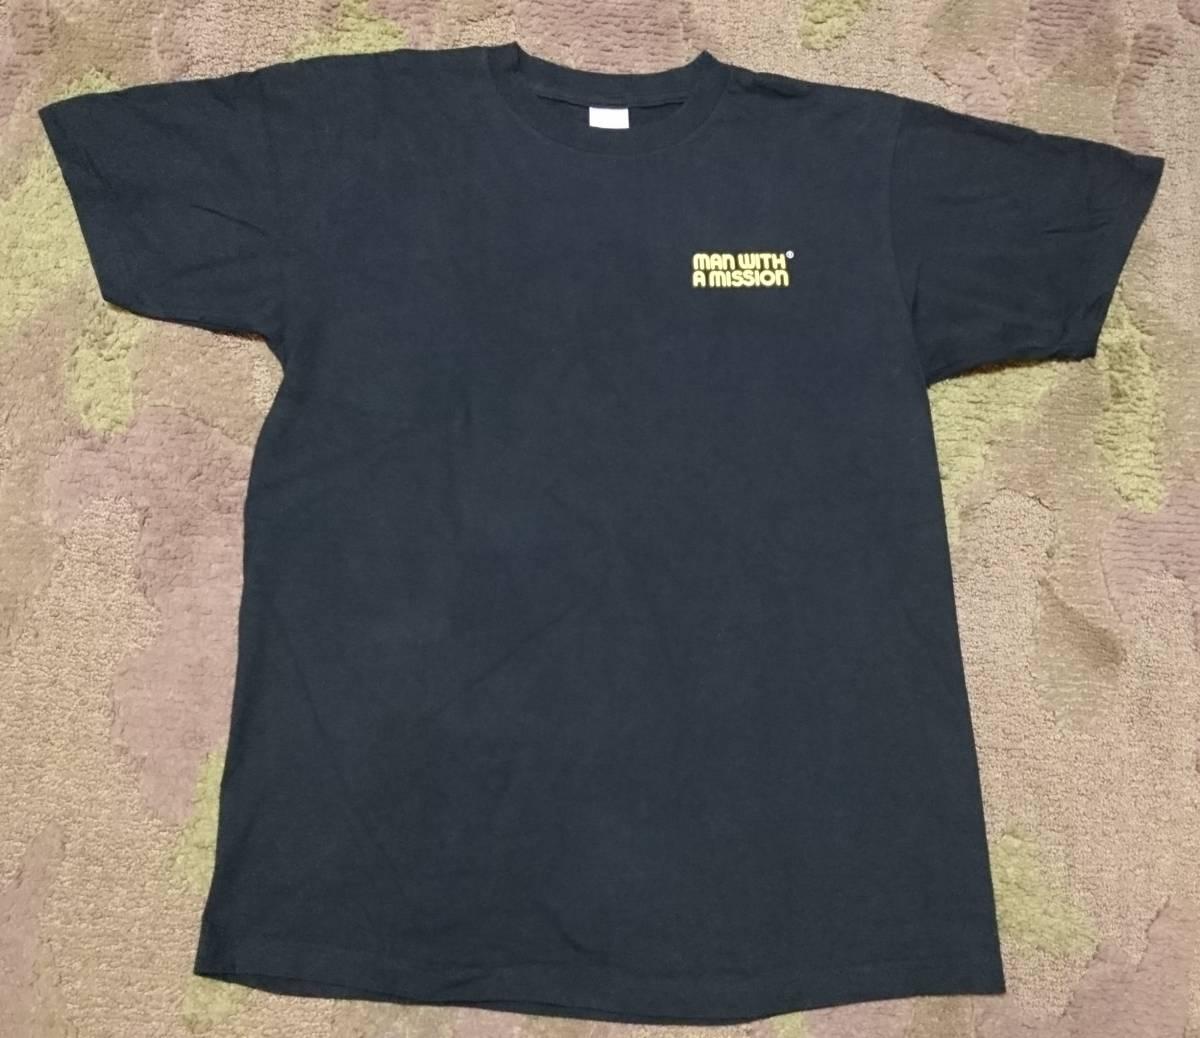 【完売品・希少】2013 MAN WITH A MISSION マンウィズ ☆ パウエル・ペラルタ のぞきBONES風・リッパー風Tシャツ(Lサイズ) ライブグッズの画像